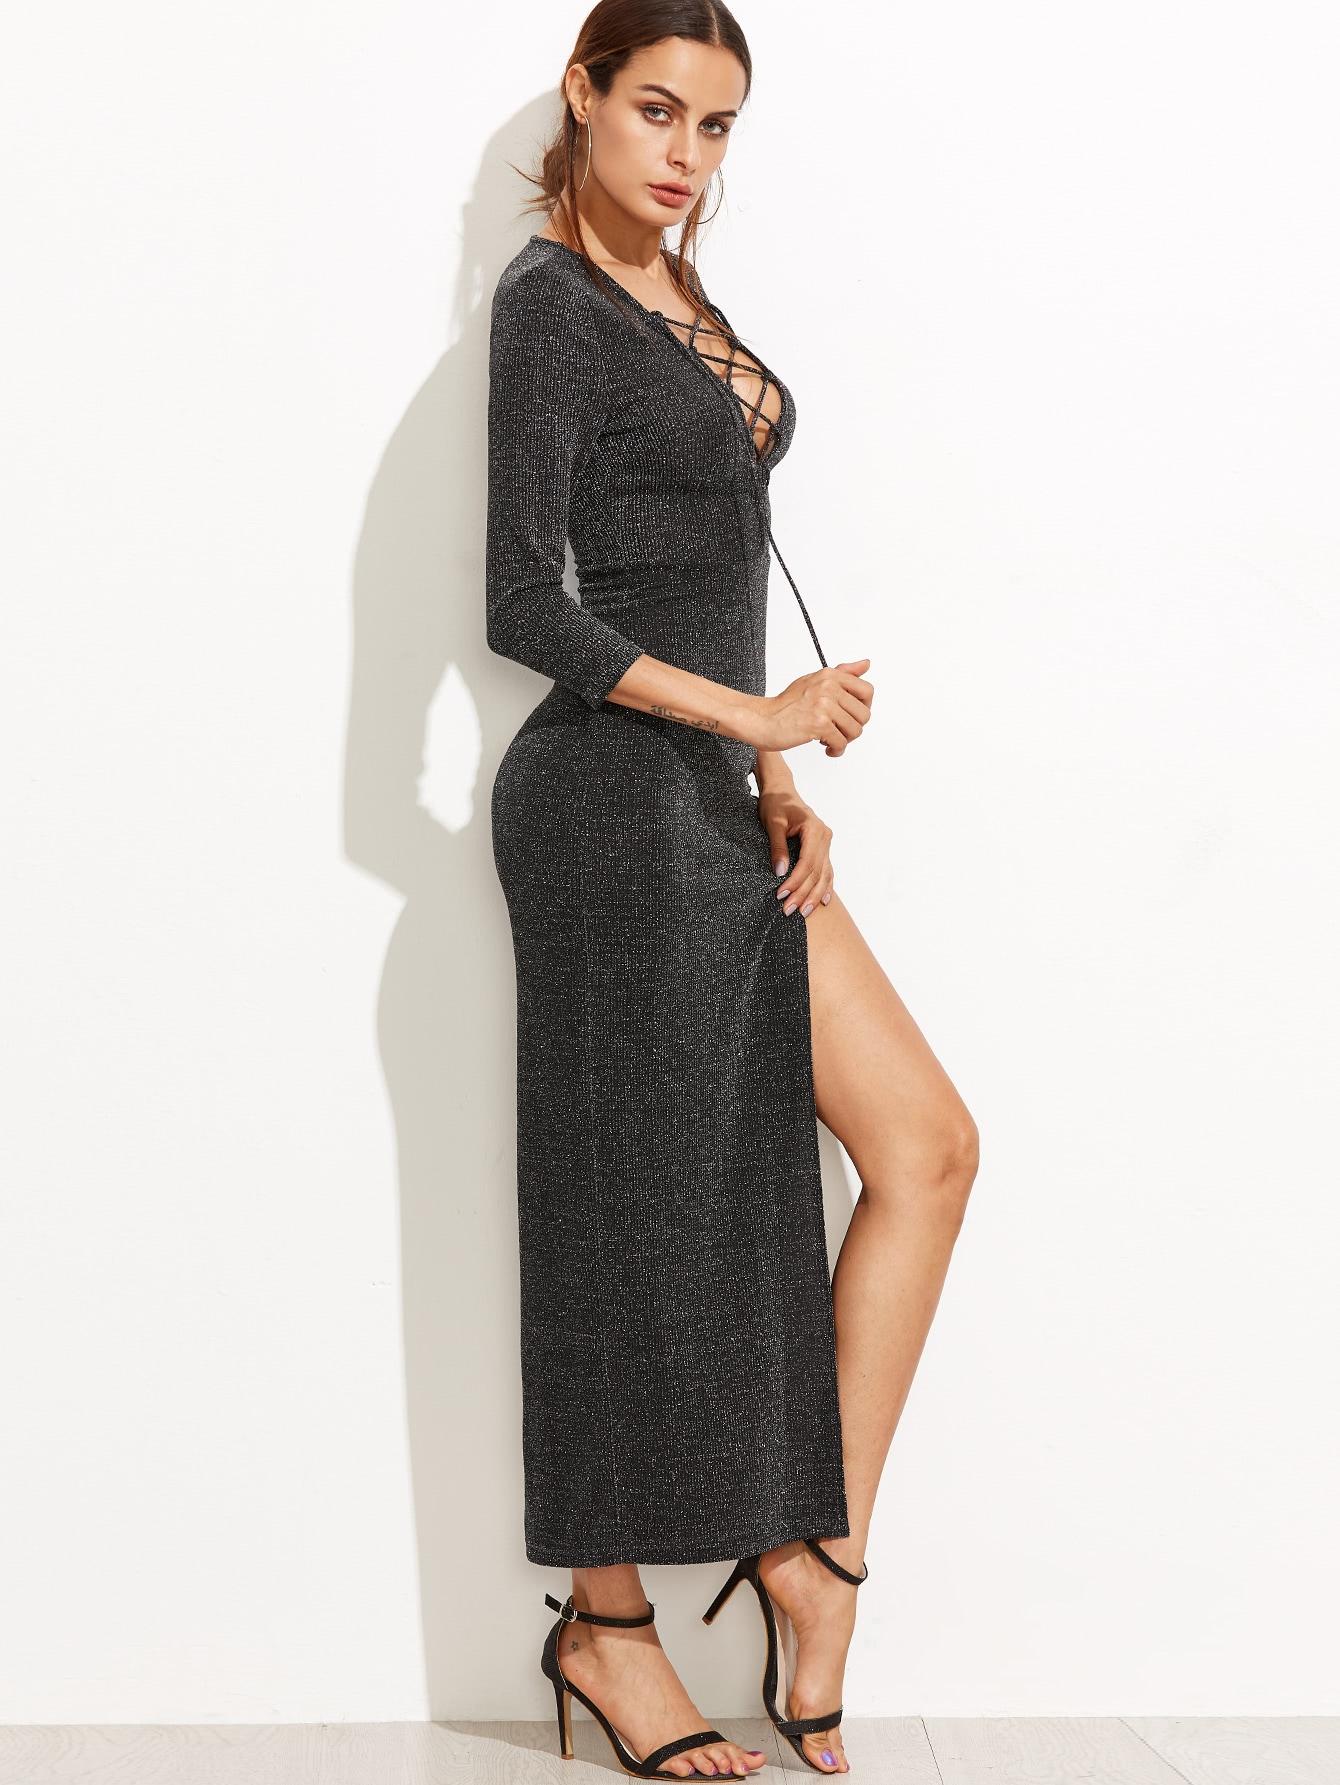 dress160927704_2